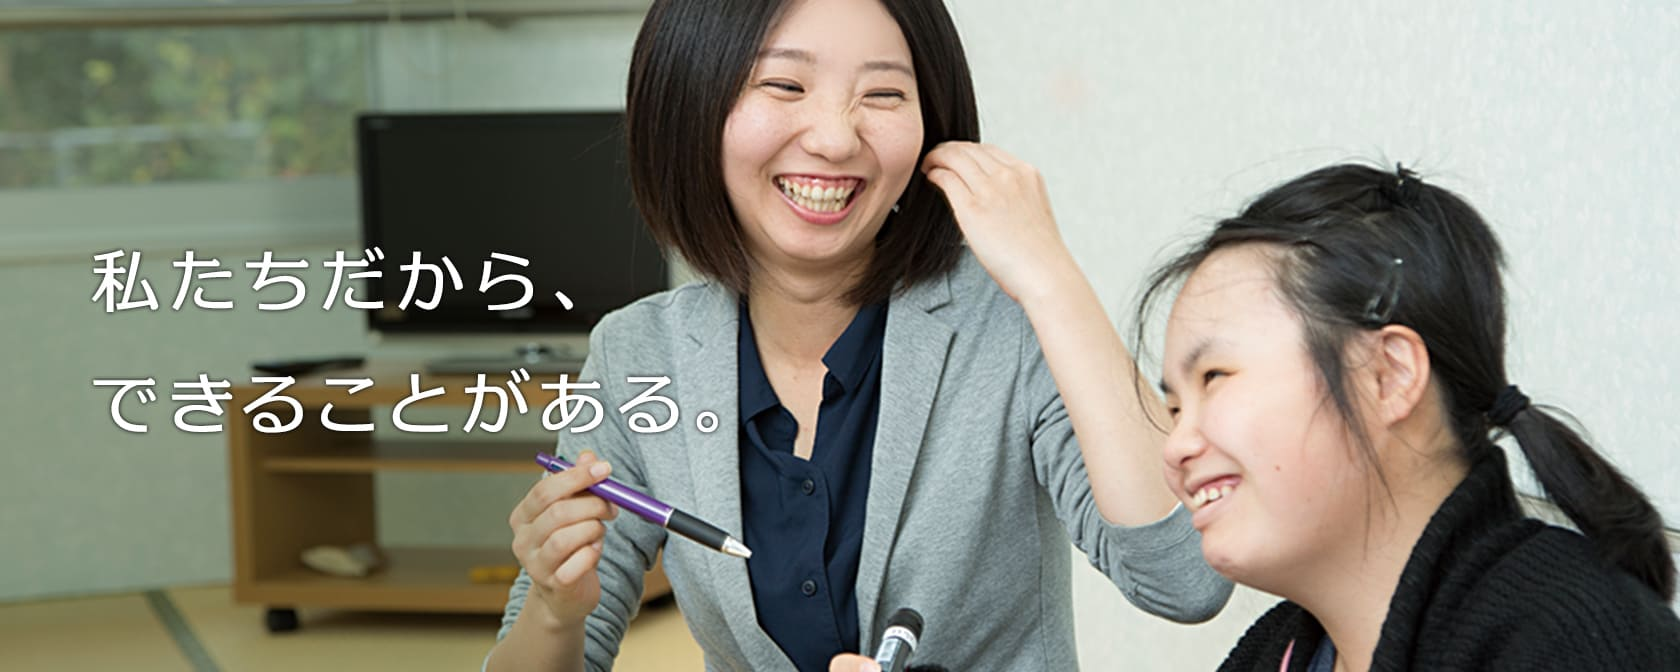 私たちだから、できることがある。社会福祉法人 北九州市手をつなぐ育成会についてご案内します。